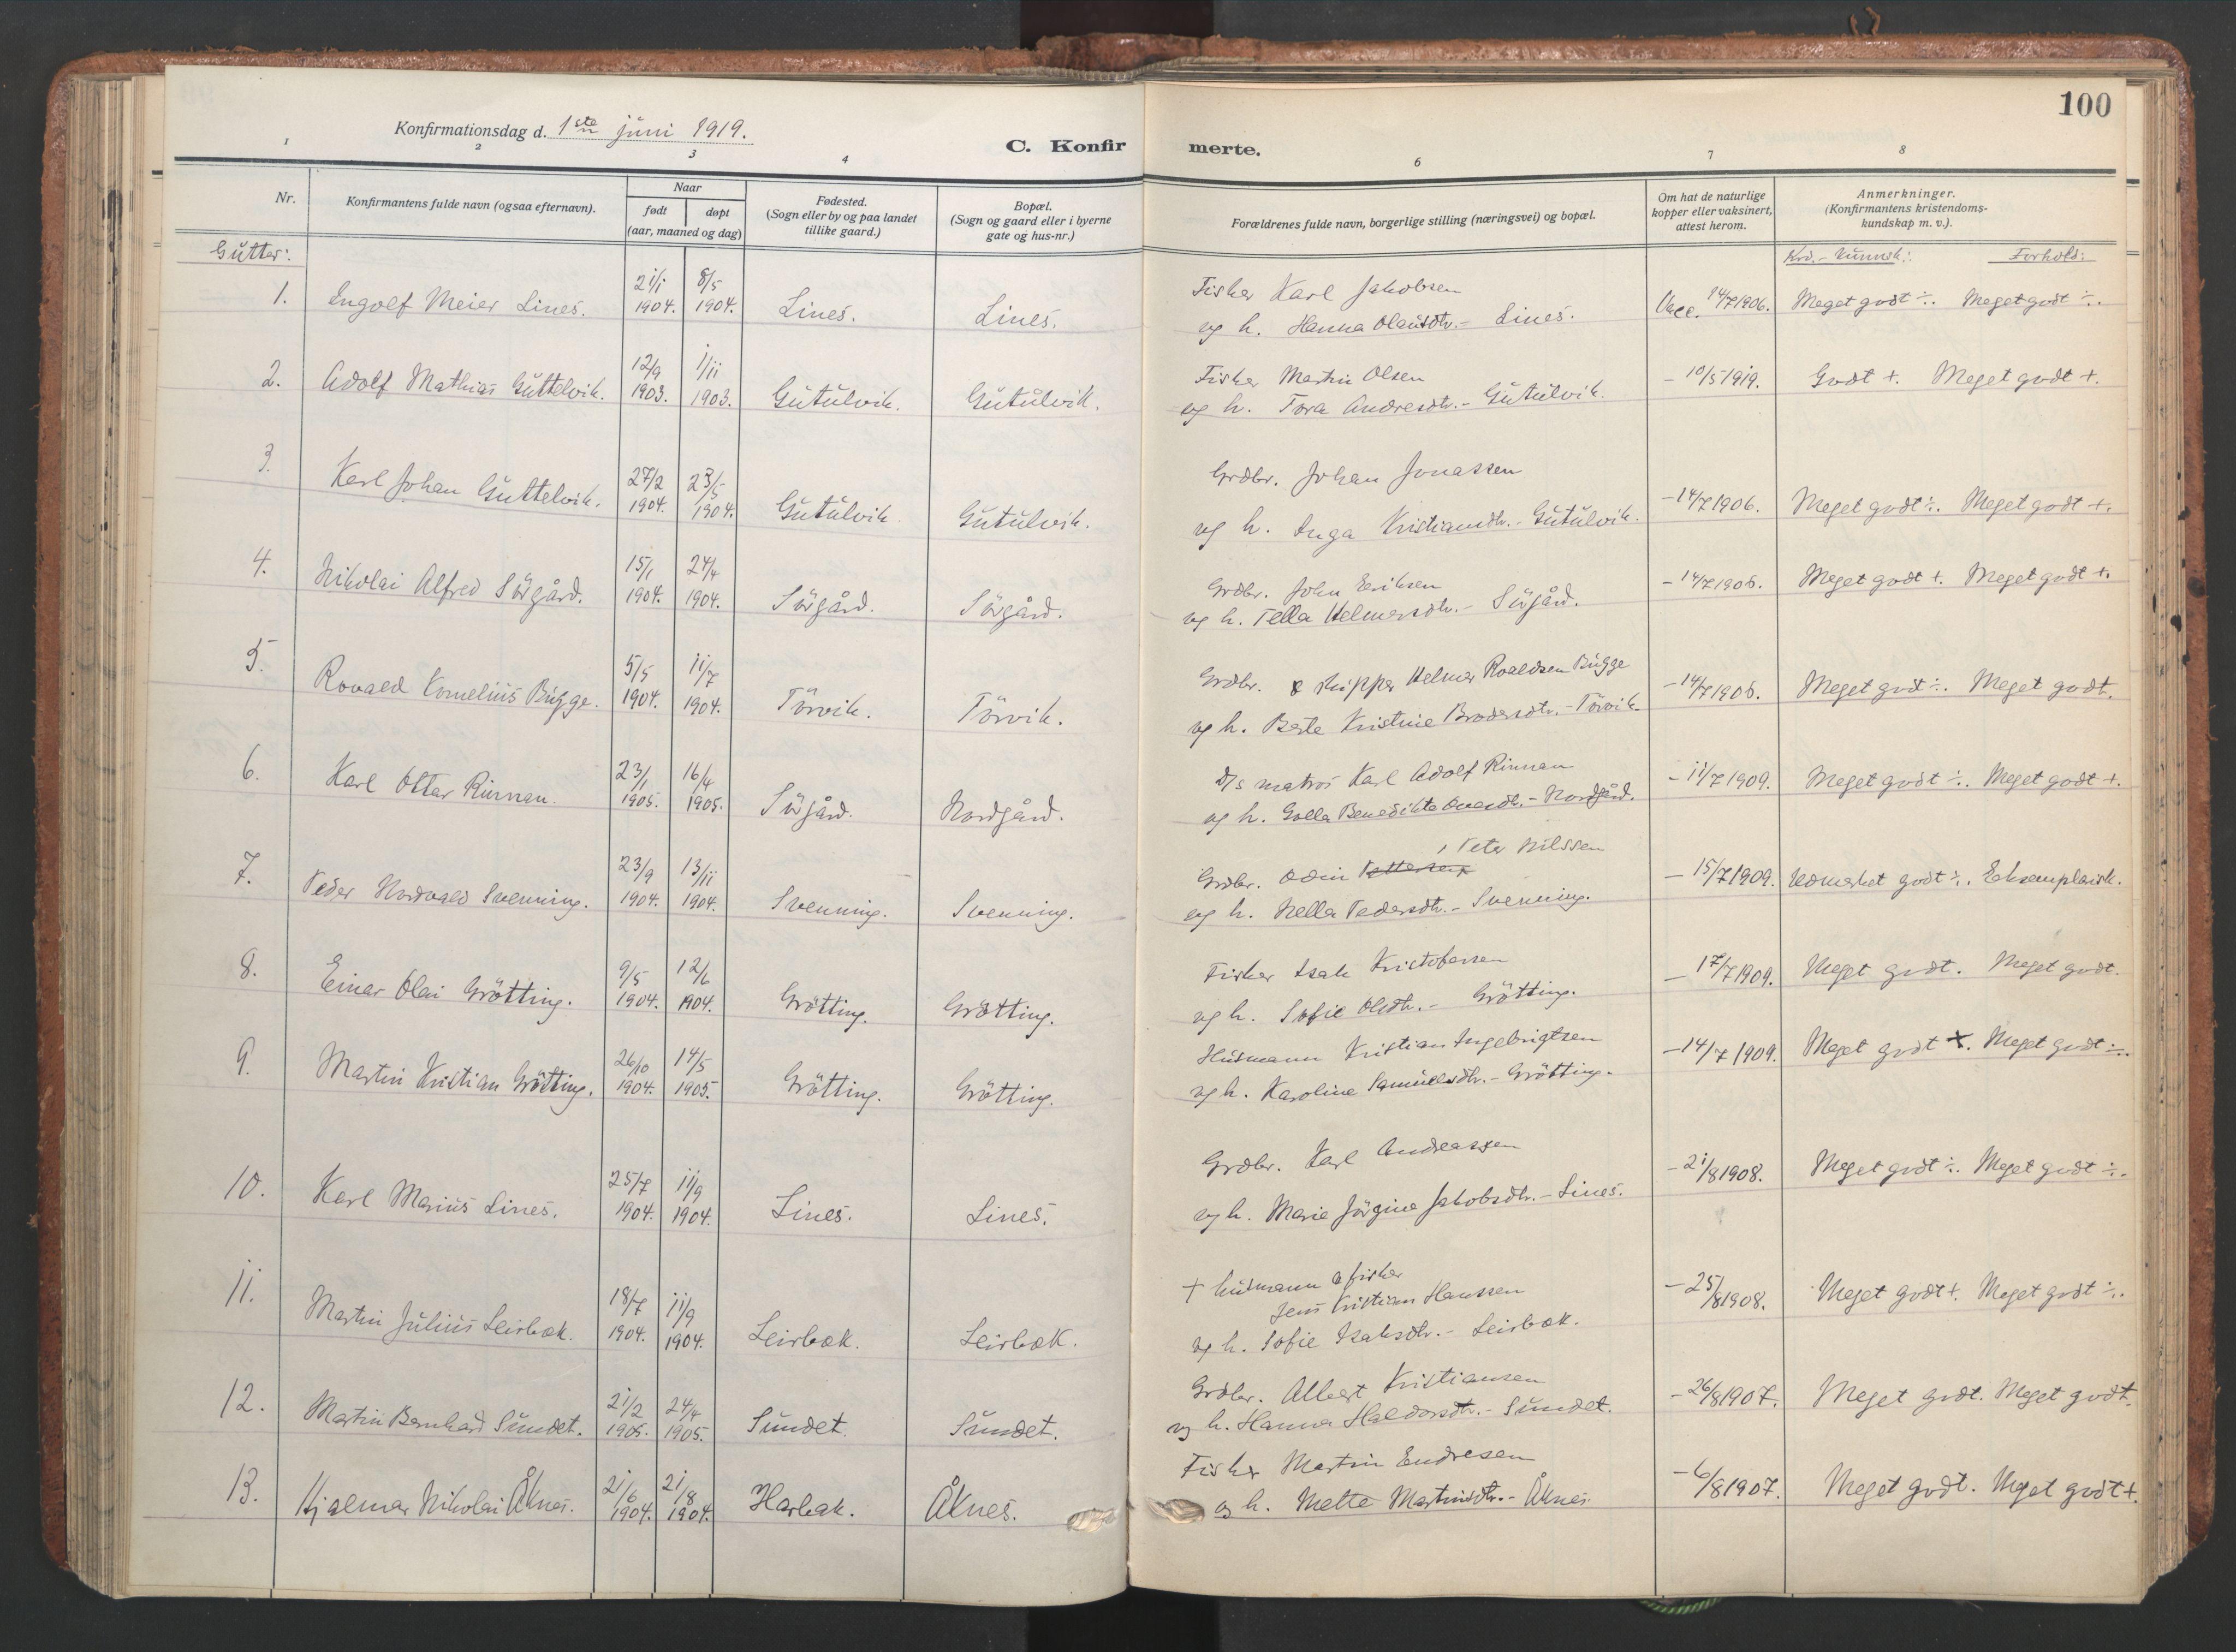 SAT, Ministerialprotokoller, klokkerbøker og fødselsregistre - Sør-Trøndelag, 656/L0694: Ministerialbok nr. 656A03, 1914-1931, s. 100